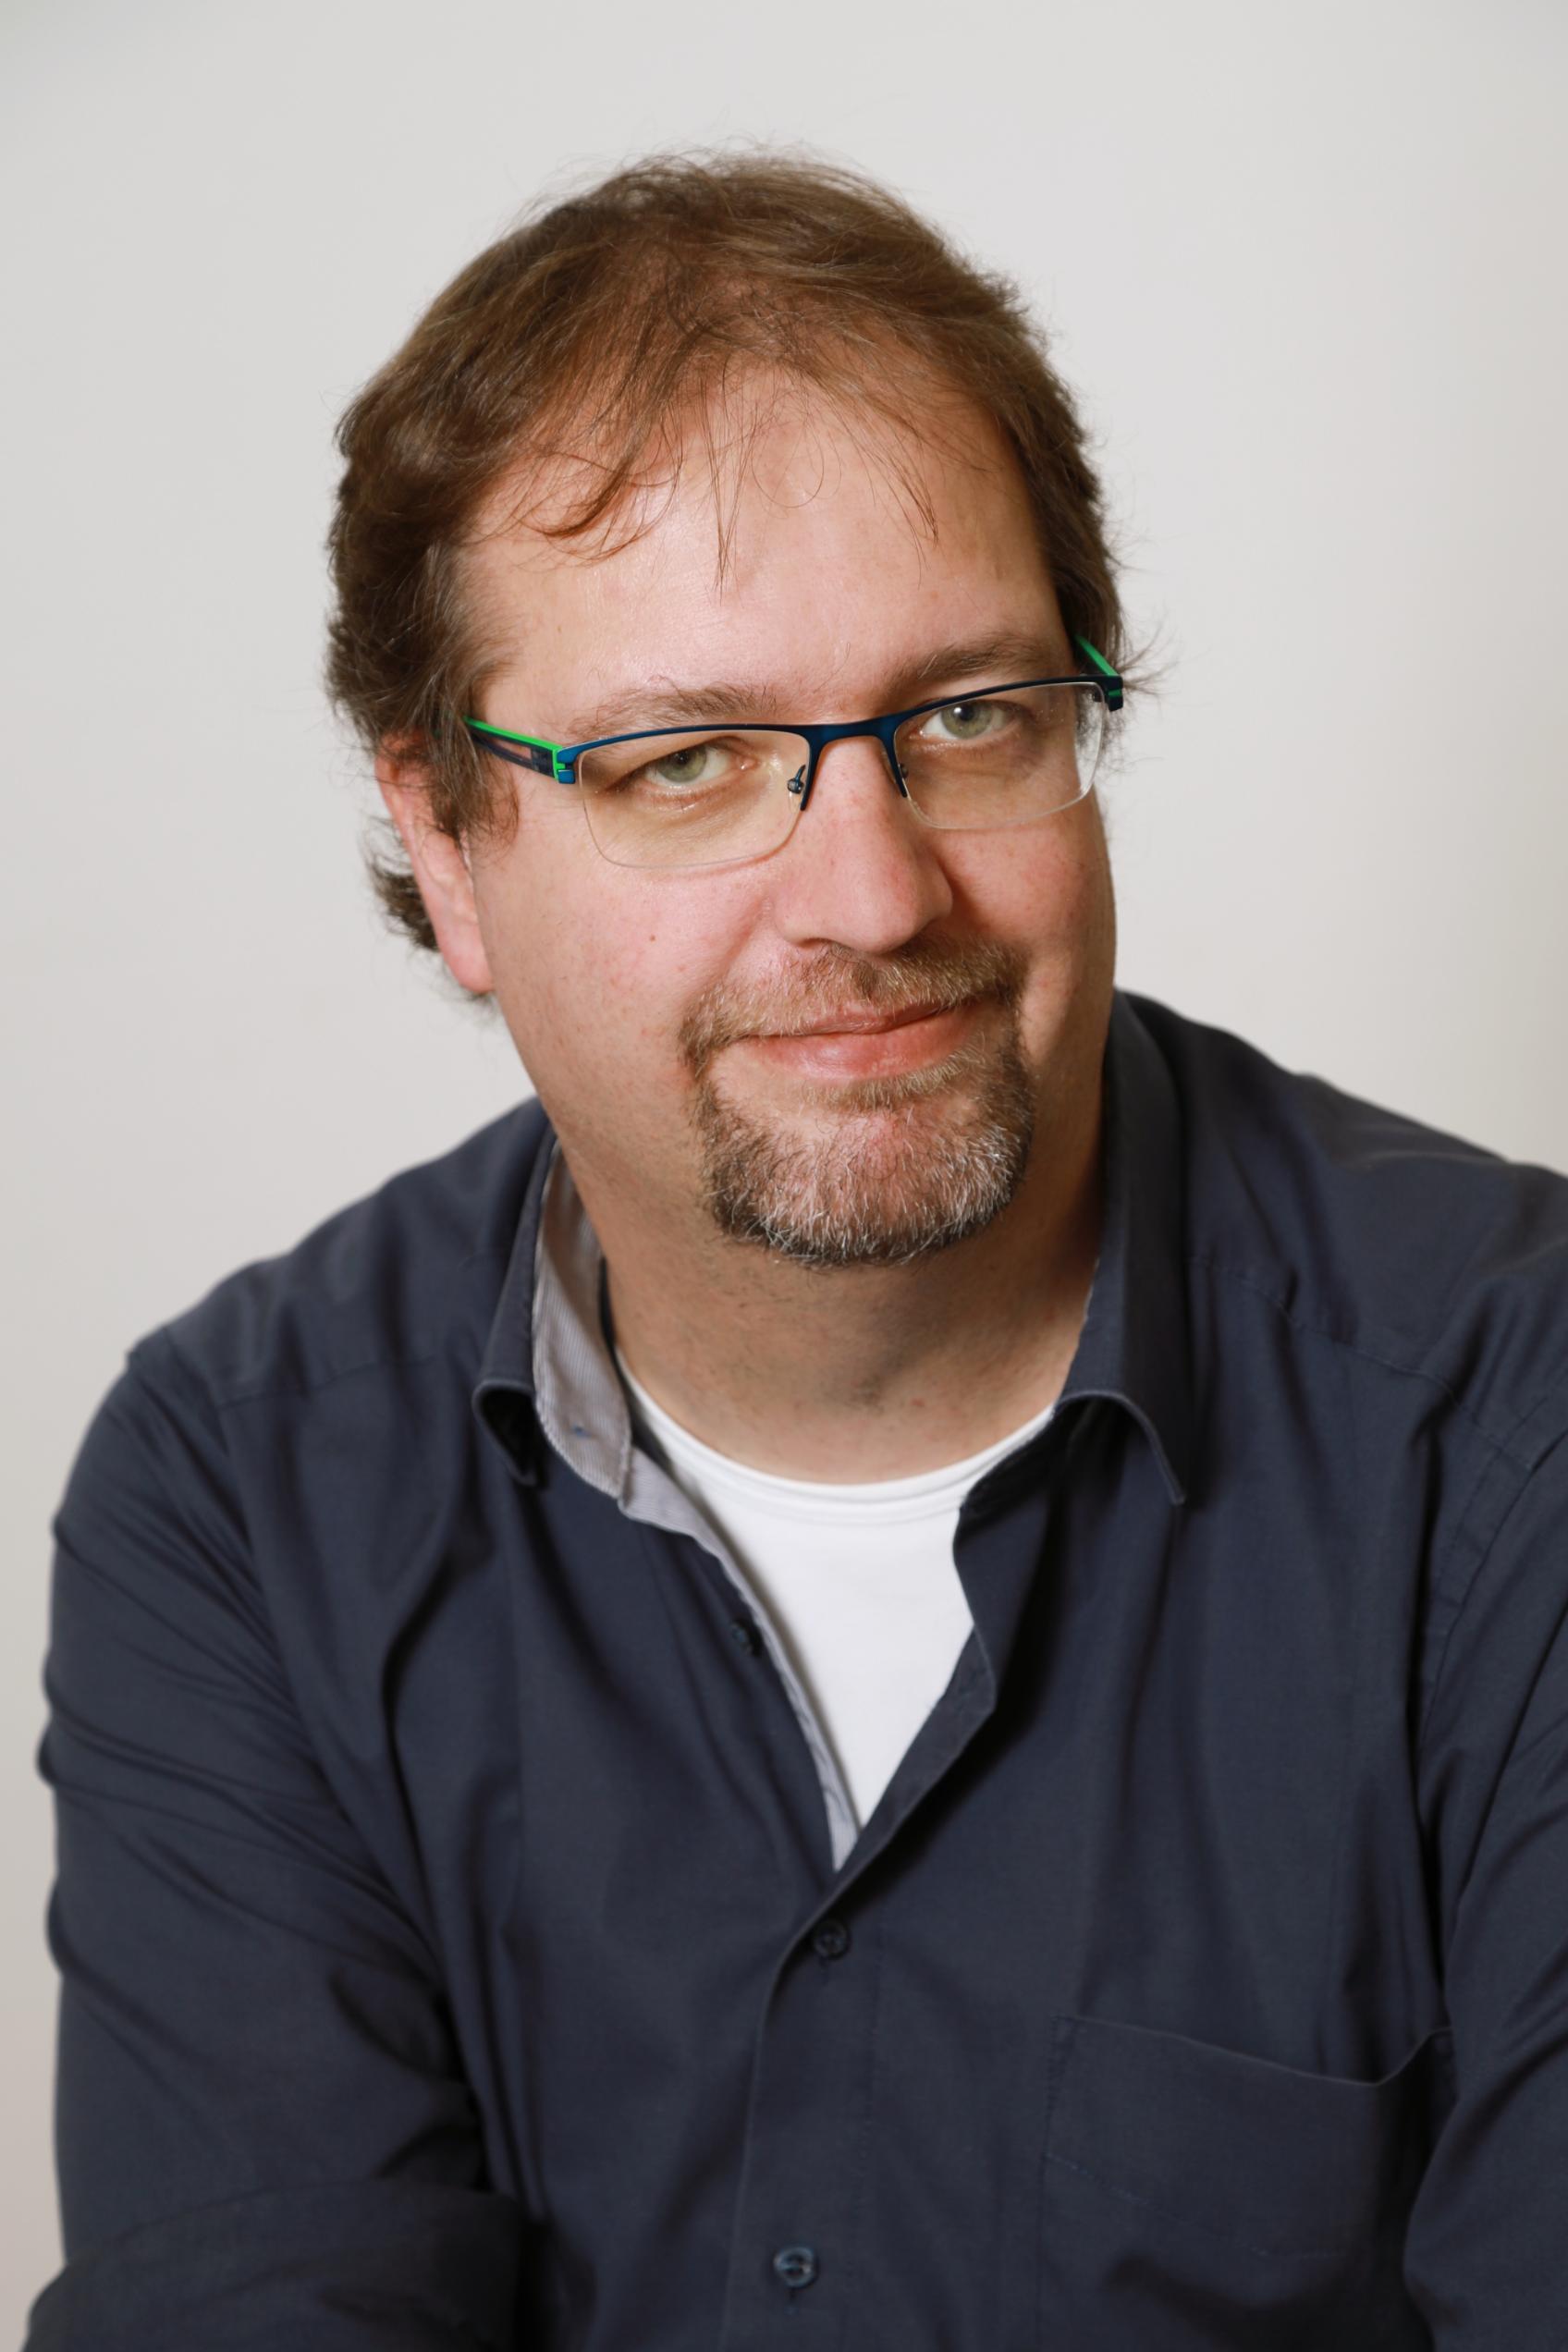 Pfarrer Dr  Thorsten Obst wird Regionalvikar der Region